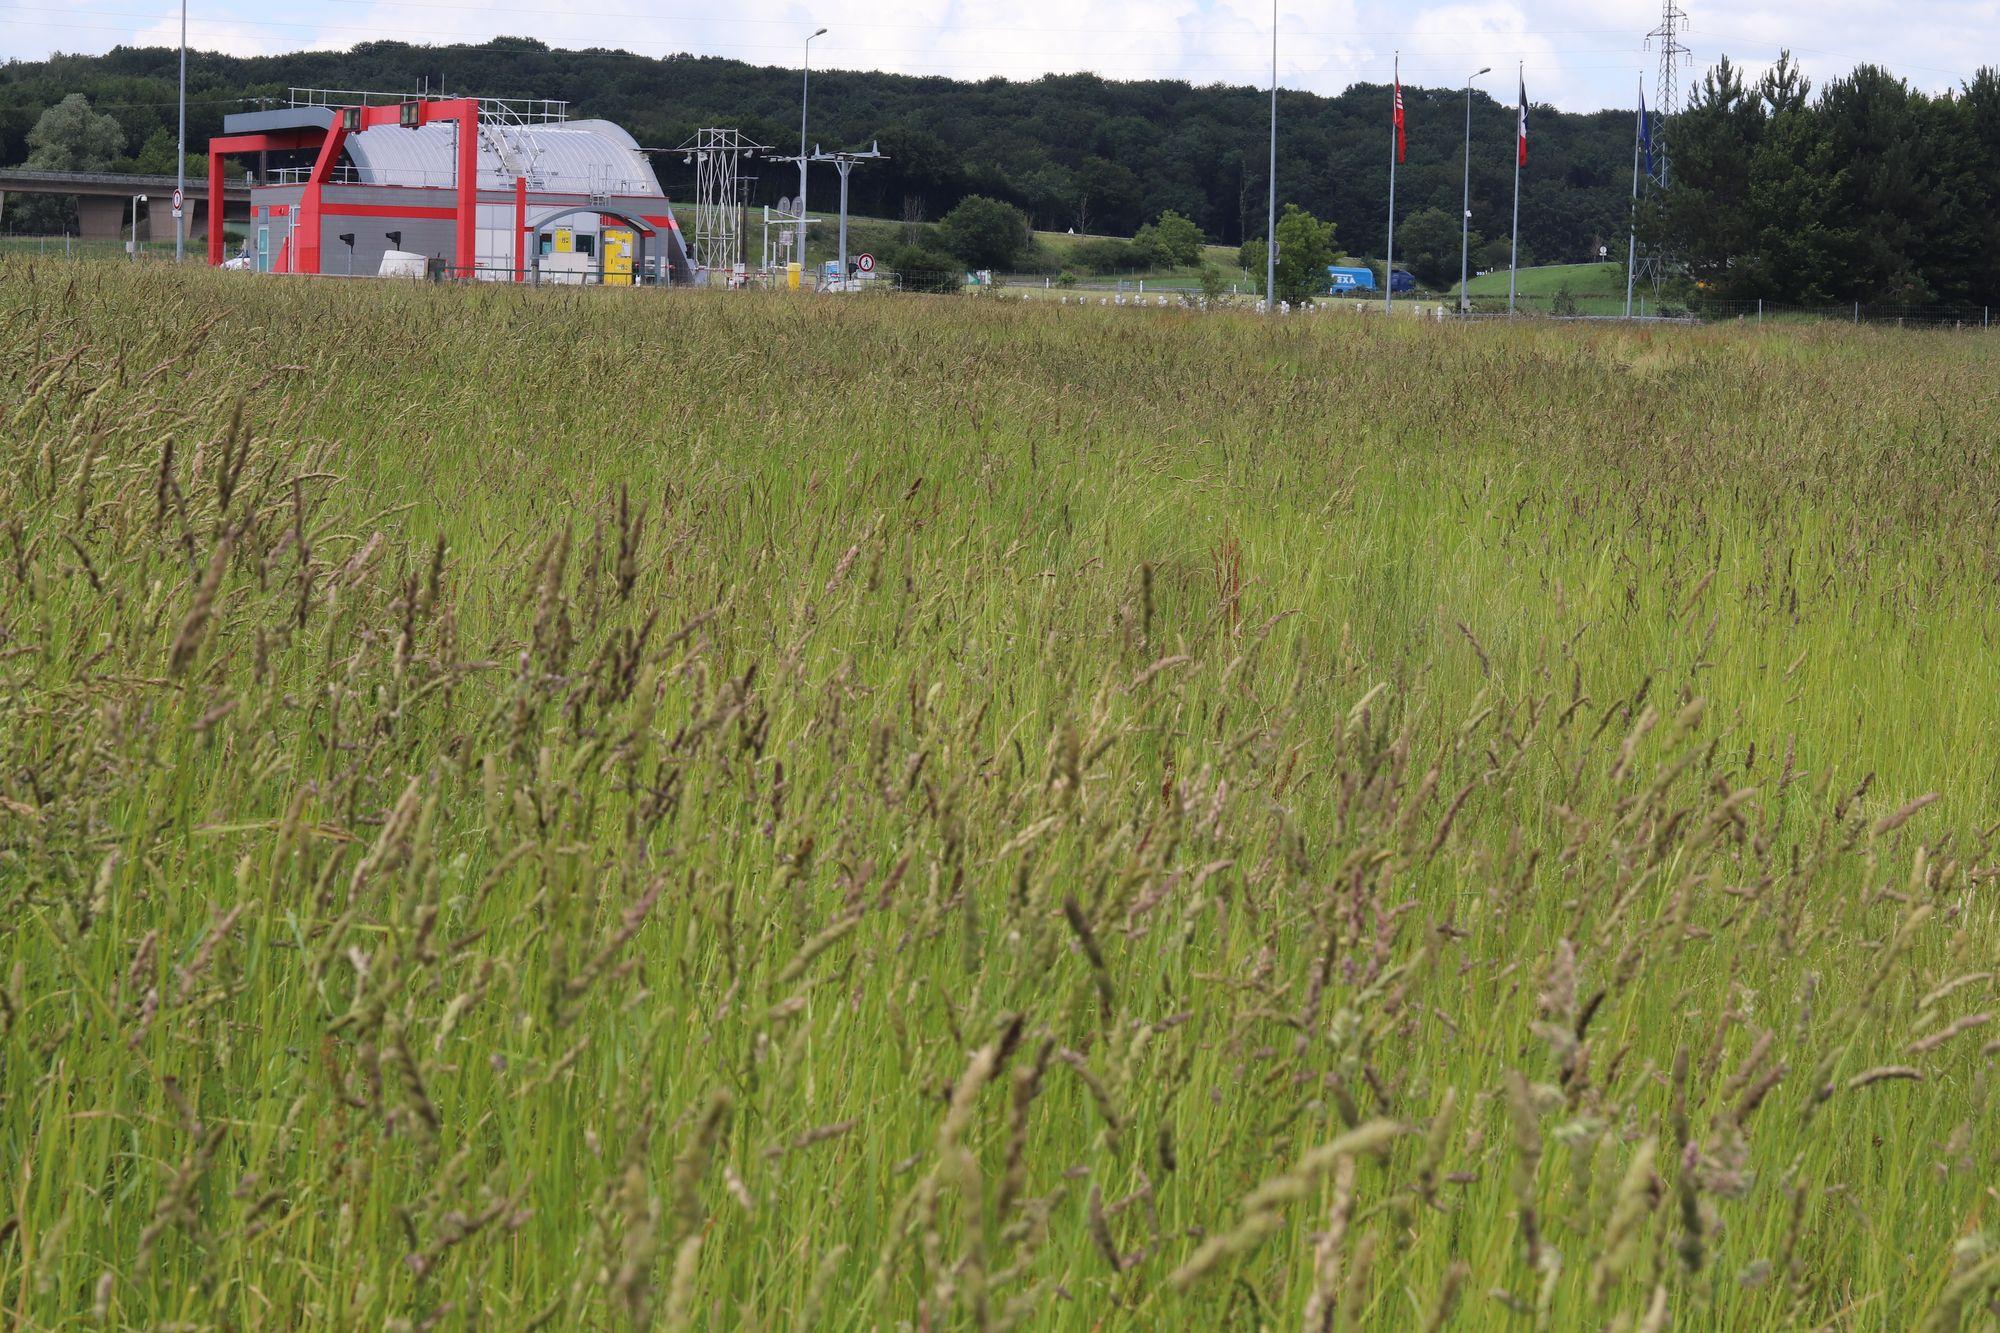 Chaudefontaine. Que fera GBM des 70 hectares de terres agricoles achetés il y a 10 ans ?